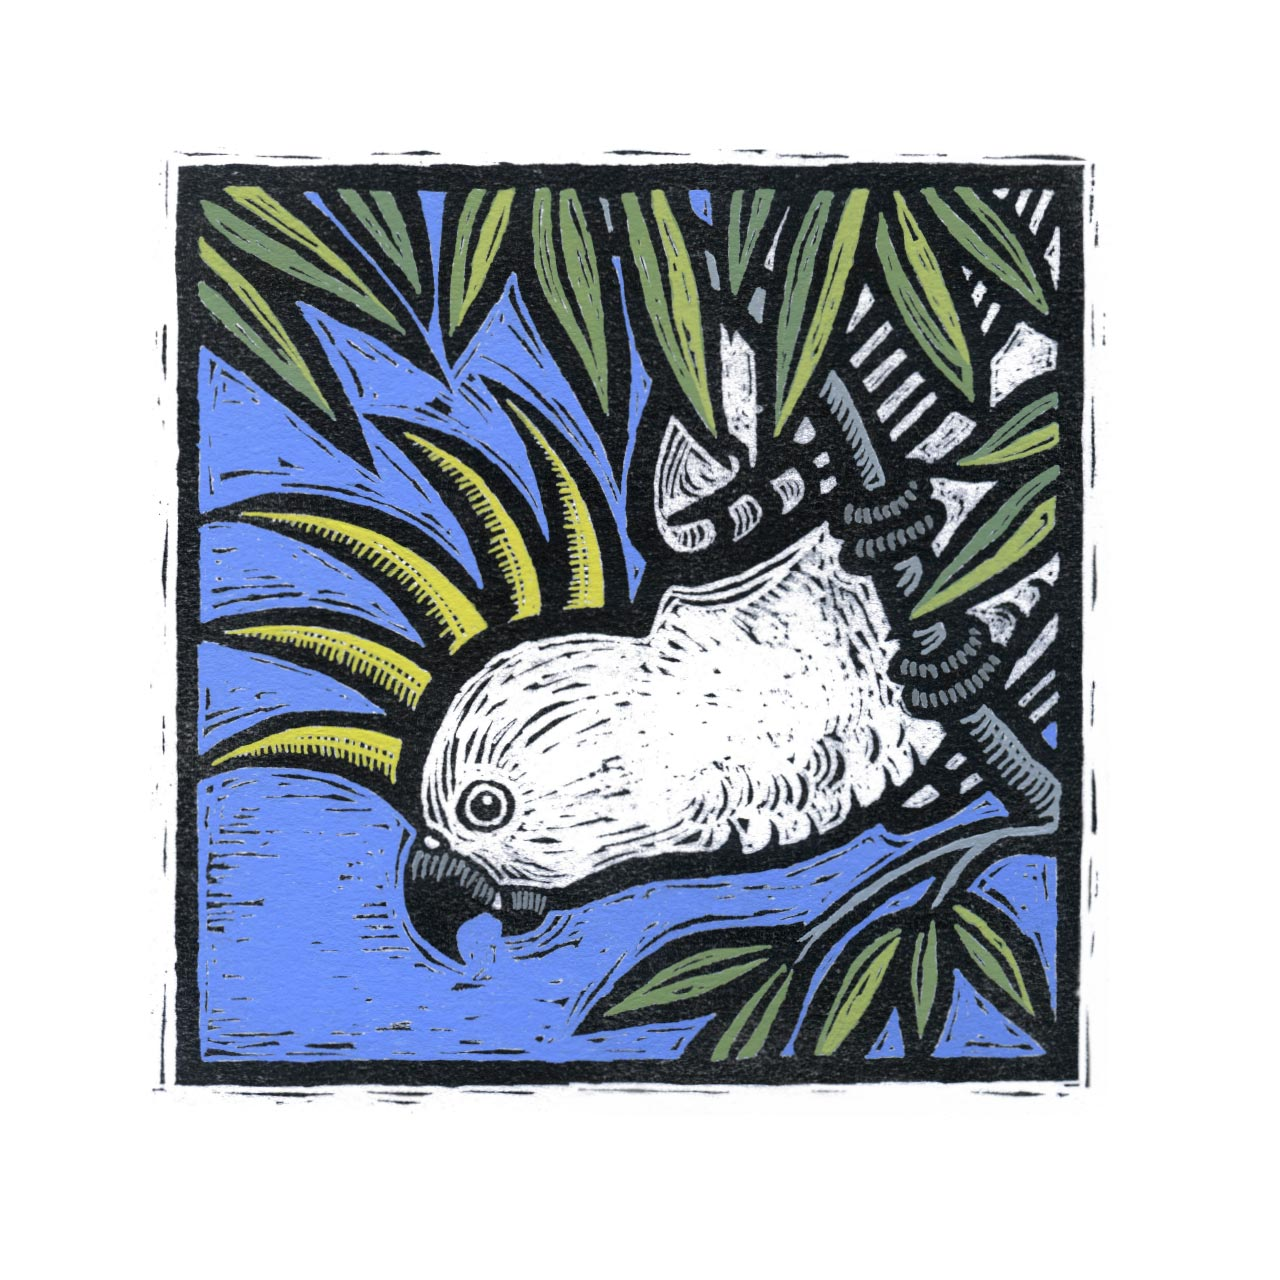 Fauna sulphur-crested cockatoo